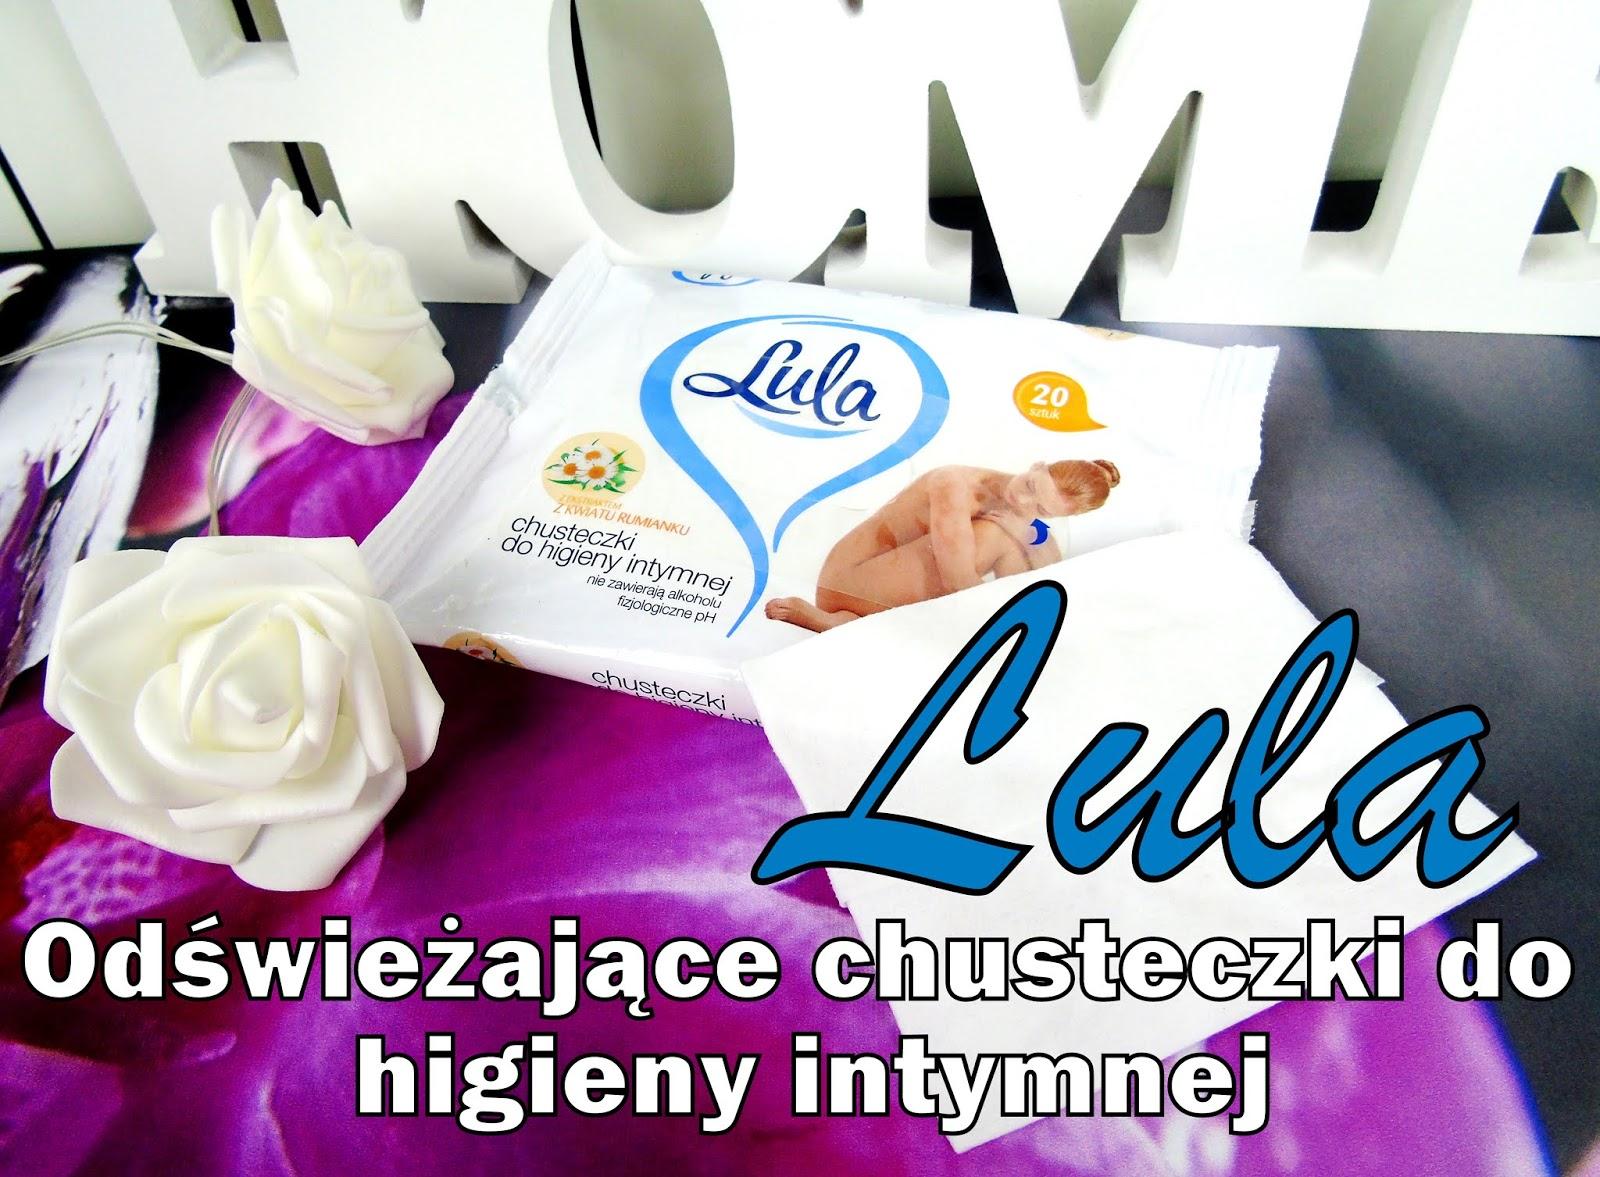 Chusteczki nawilżane marki Lula Family - Bo higiena osobista to bardzo ważna rzecz!